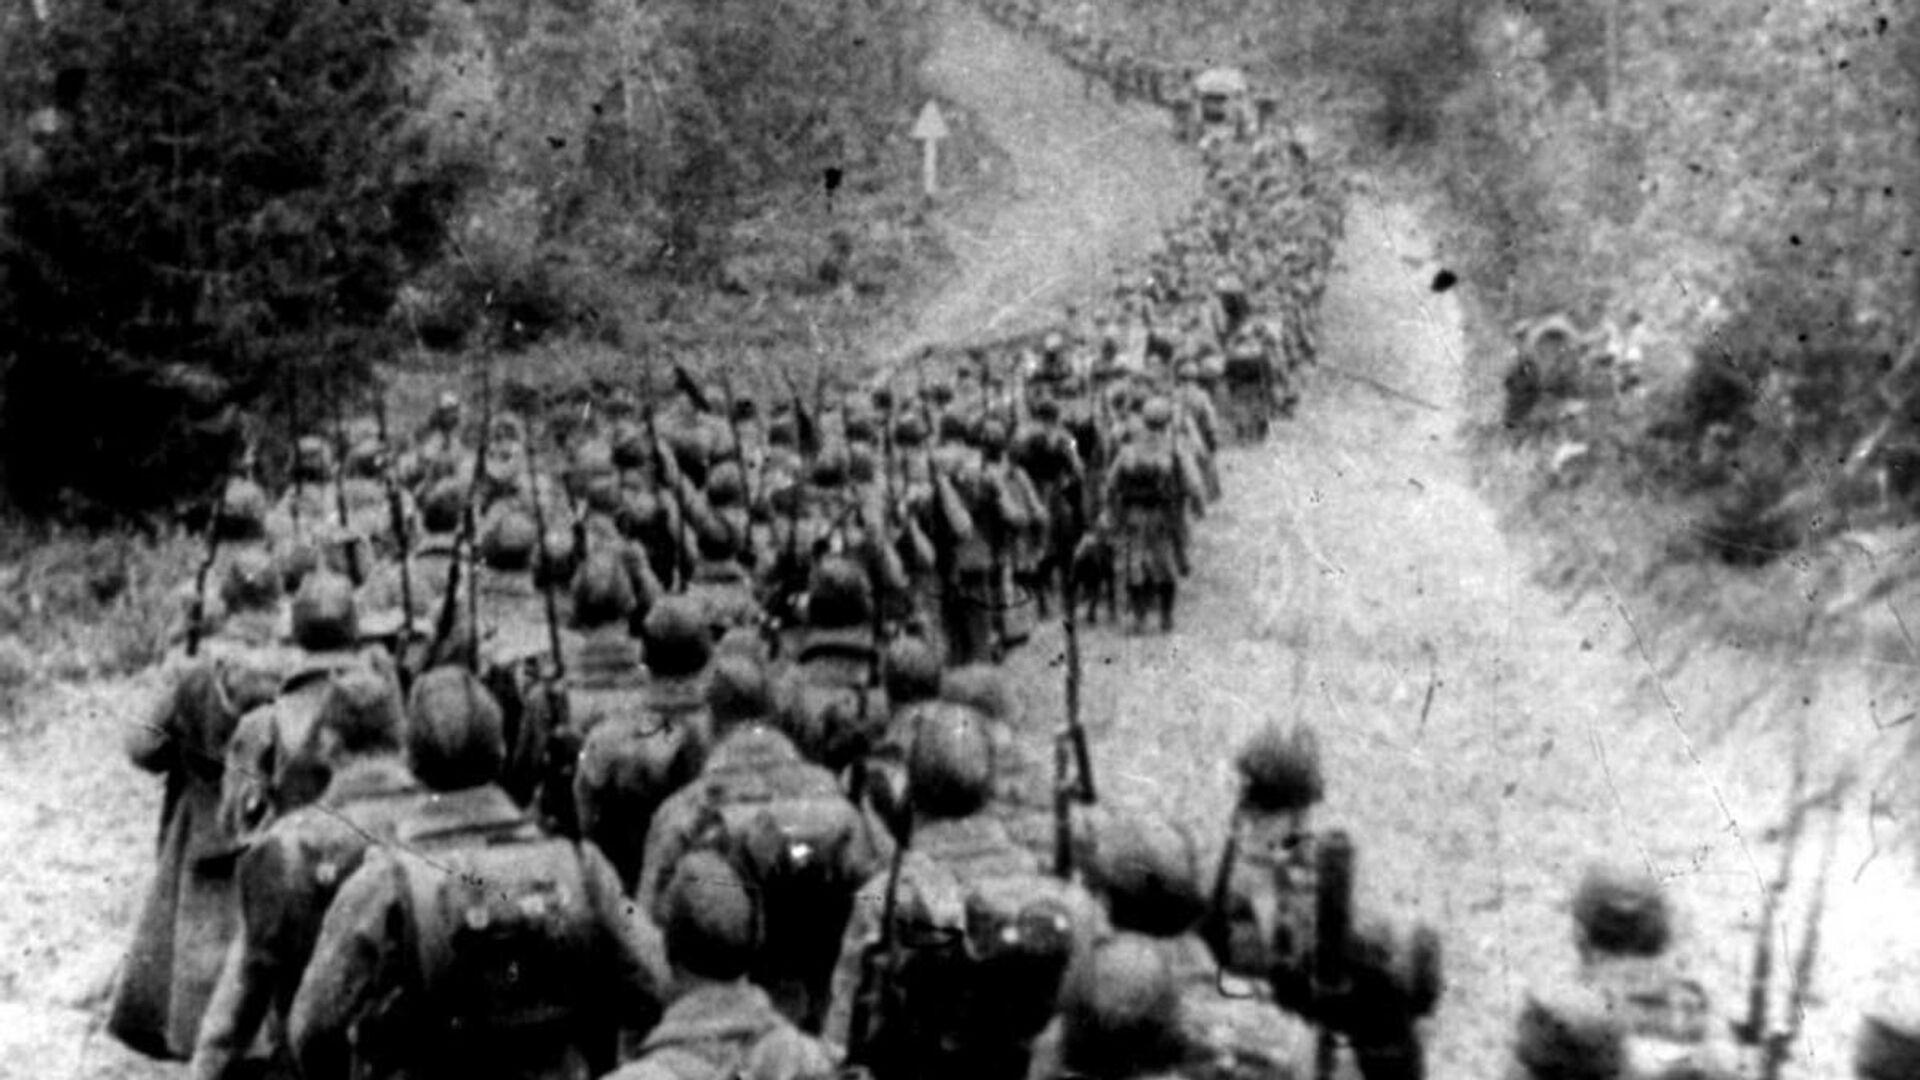 Radzieckie wojska przekraczają granicę Polski, 1939 rok - Sputnik Polska, 1920, 14.09.2021